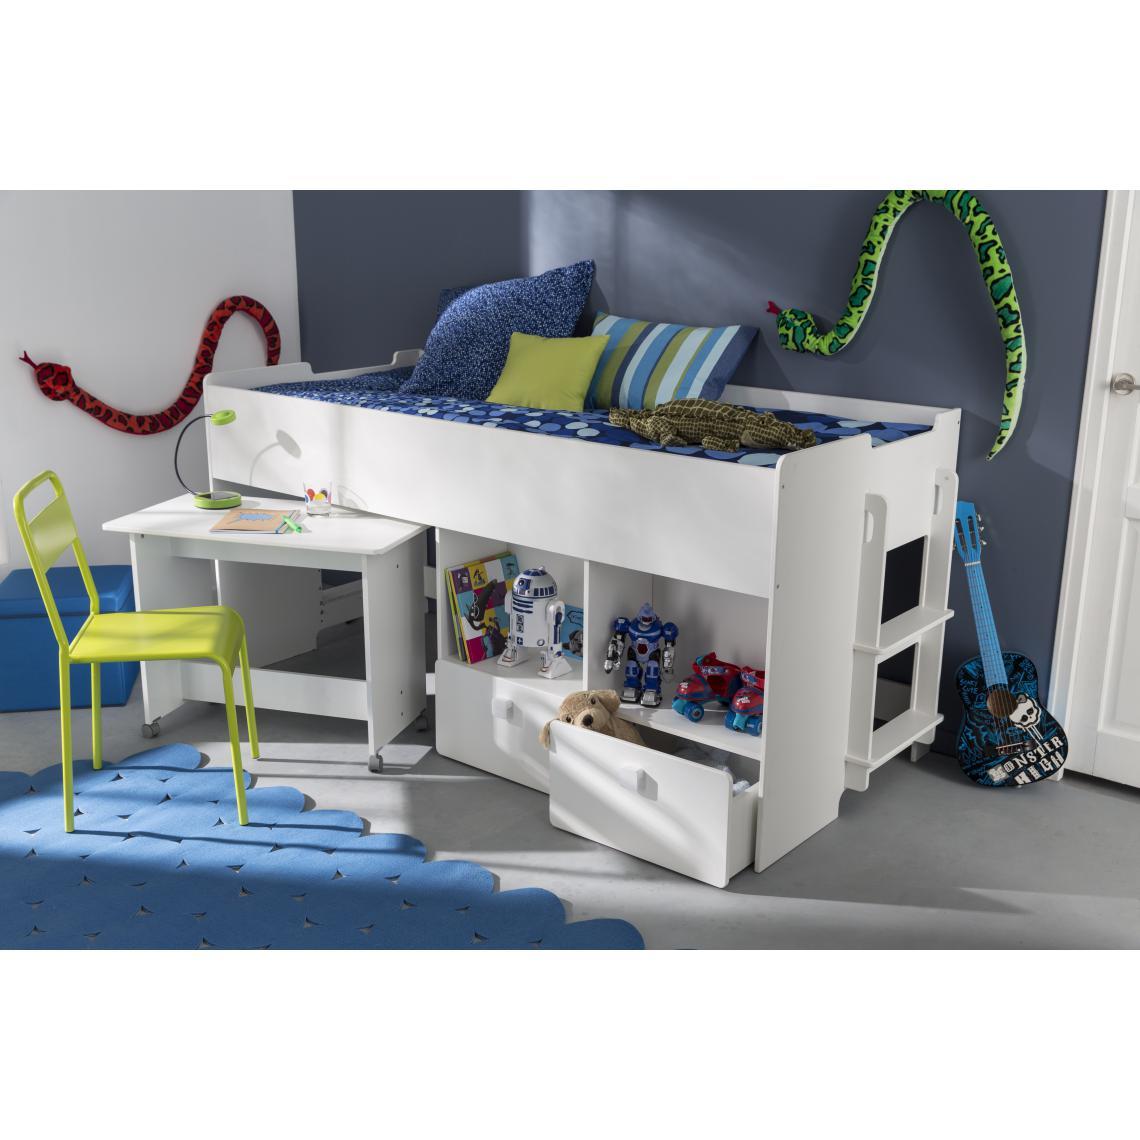 Chambre Adulte Avec Bureau lit combiné pour enfant 90x200cm avec bureau et rangement blanc alto plus  de détails